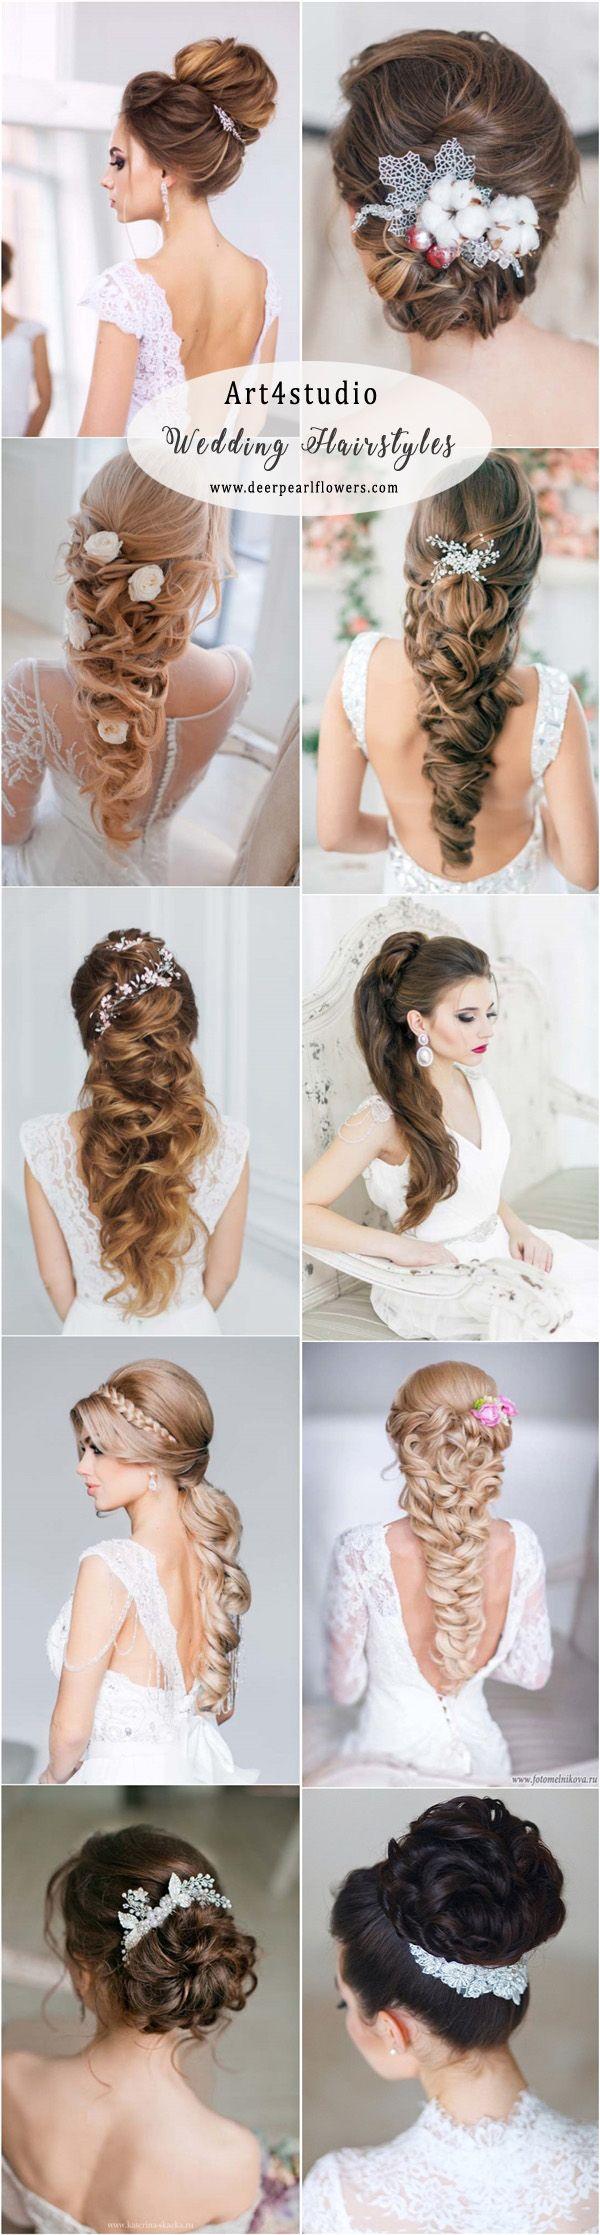 Art4studio long wedding hairstyles and wedding updos